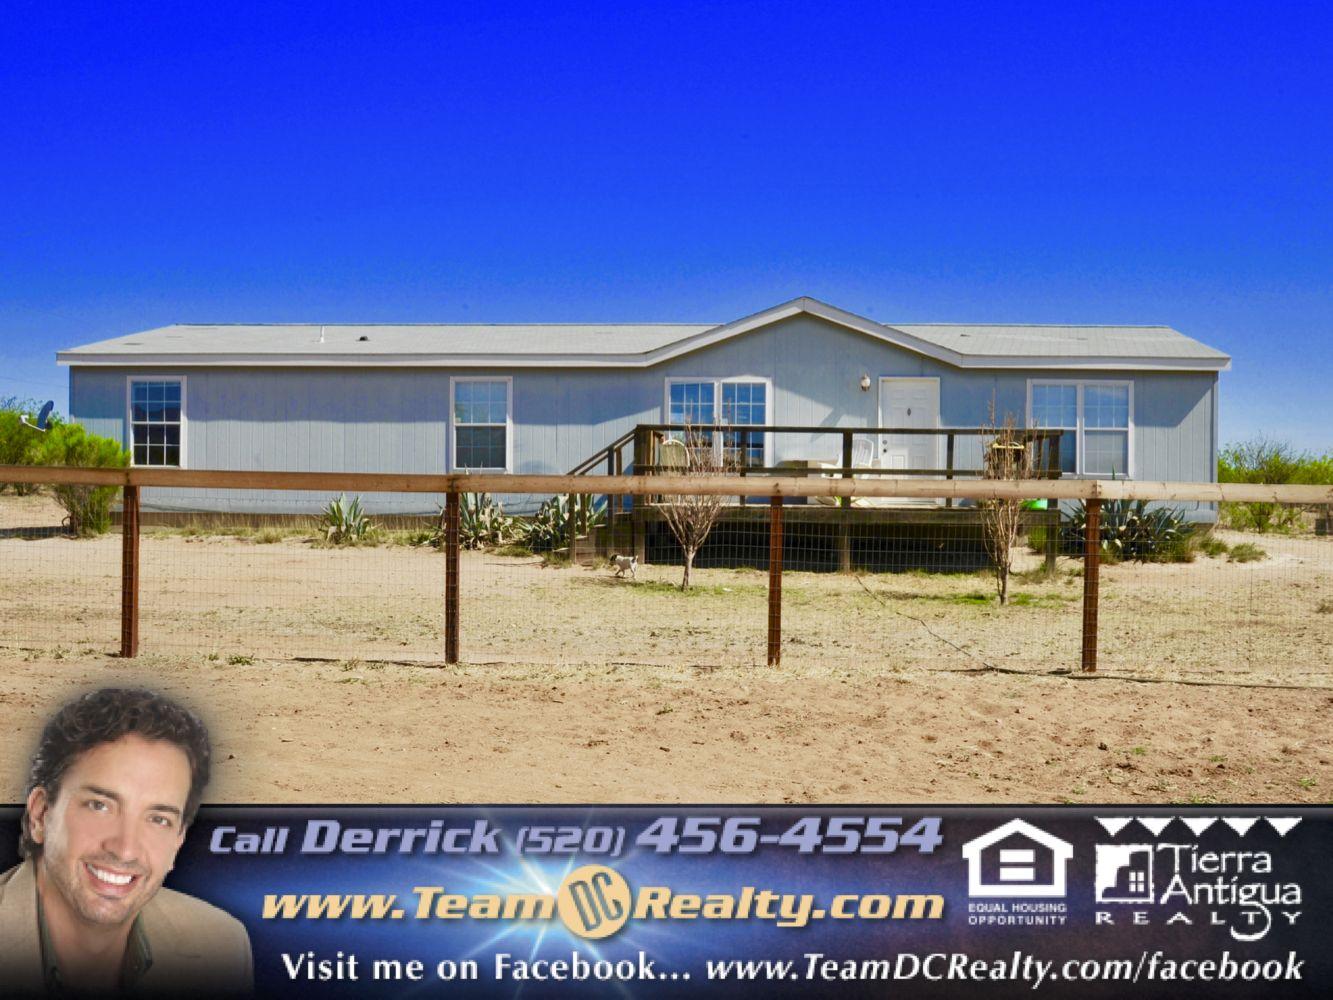 [9+] 2 Bedroom House For Sale At Sierra Vista